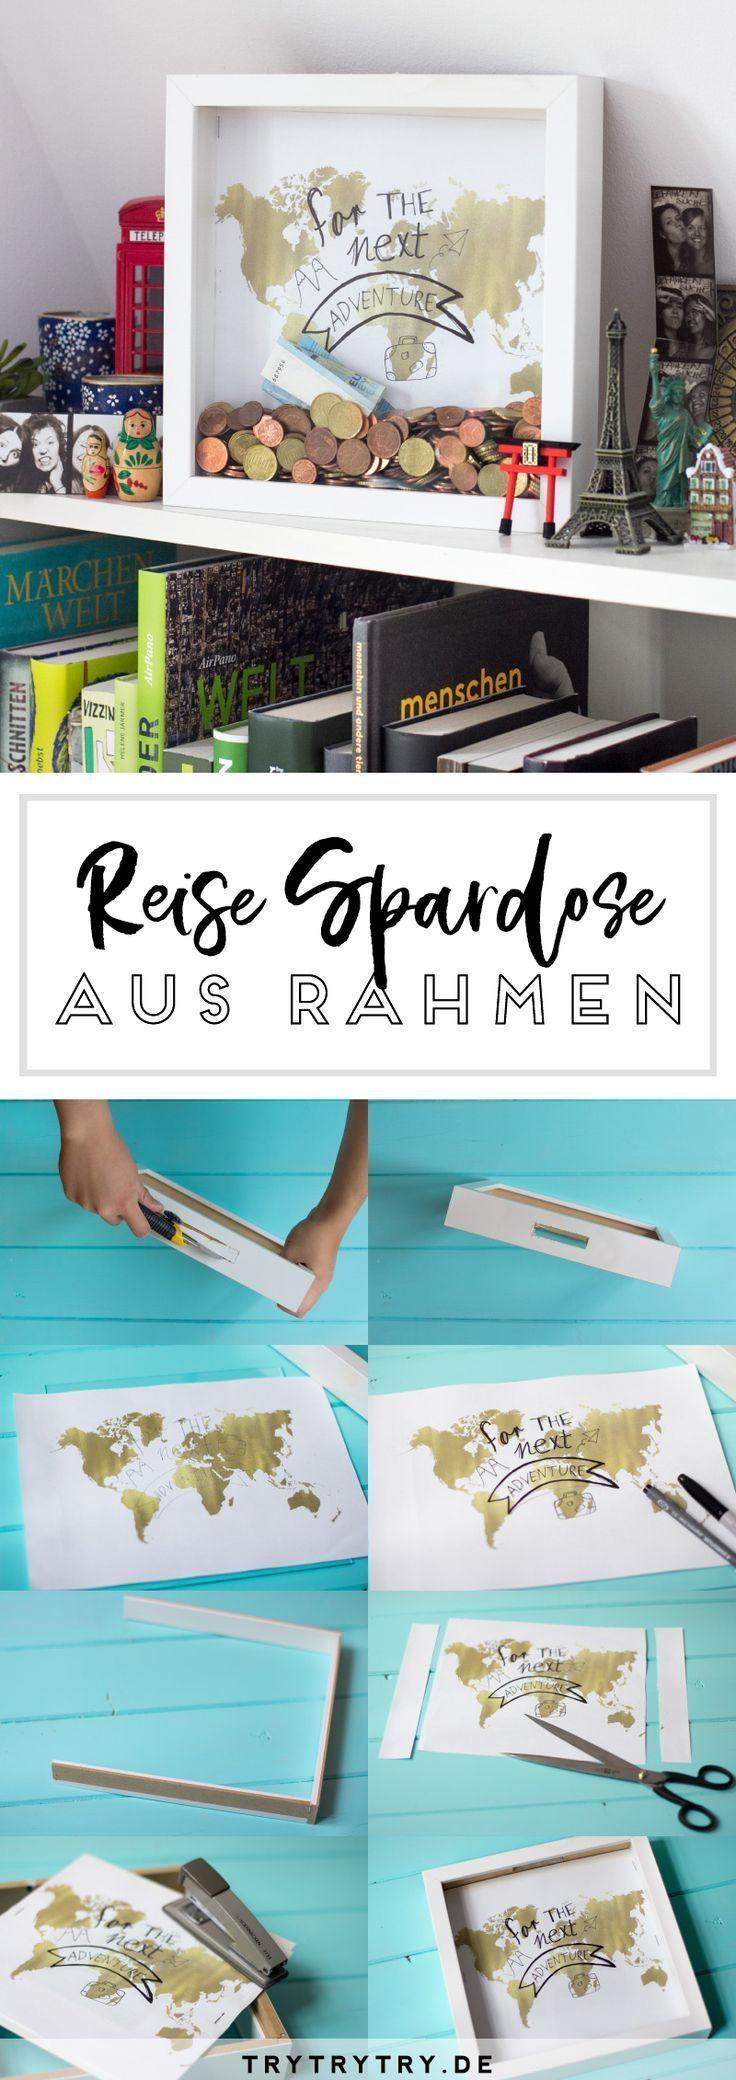 DIY Reise-Sparbüchse DIY Reise-Sparbüchse Die Post DIY Reise-Sparbüchse ersch…